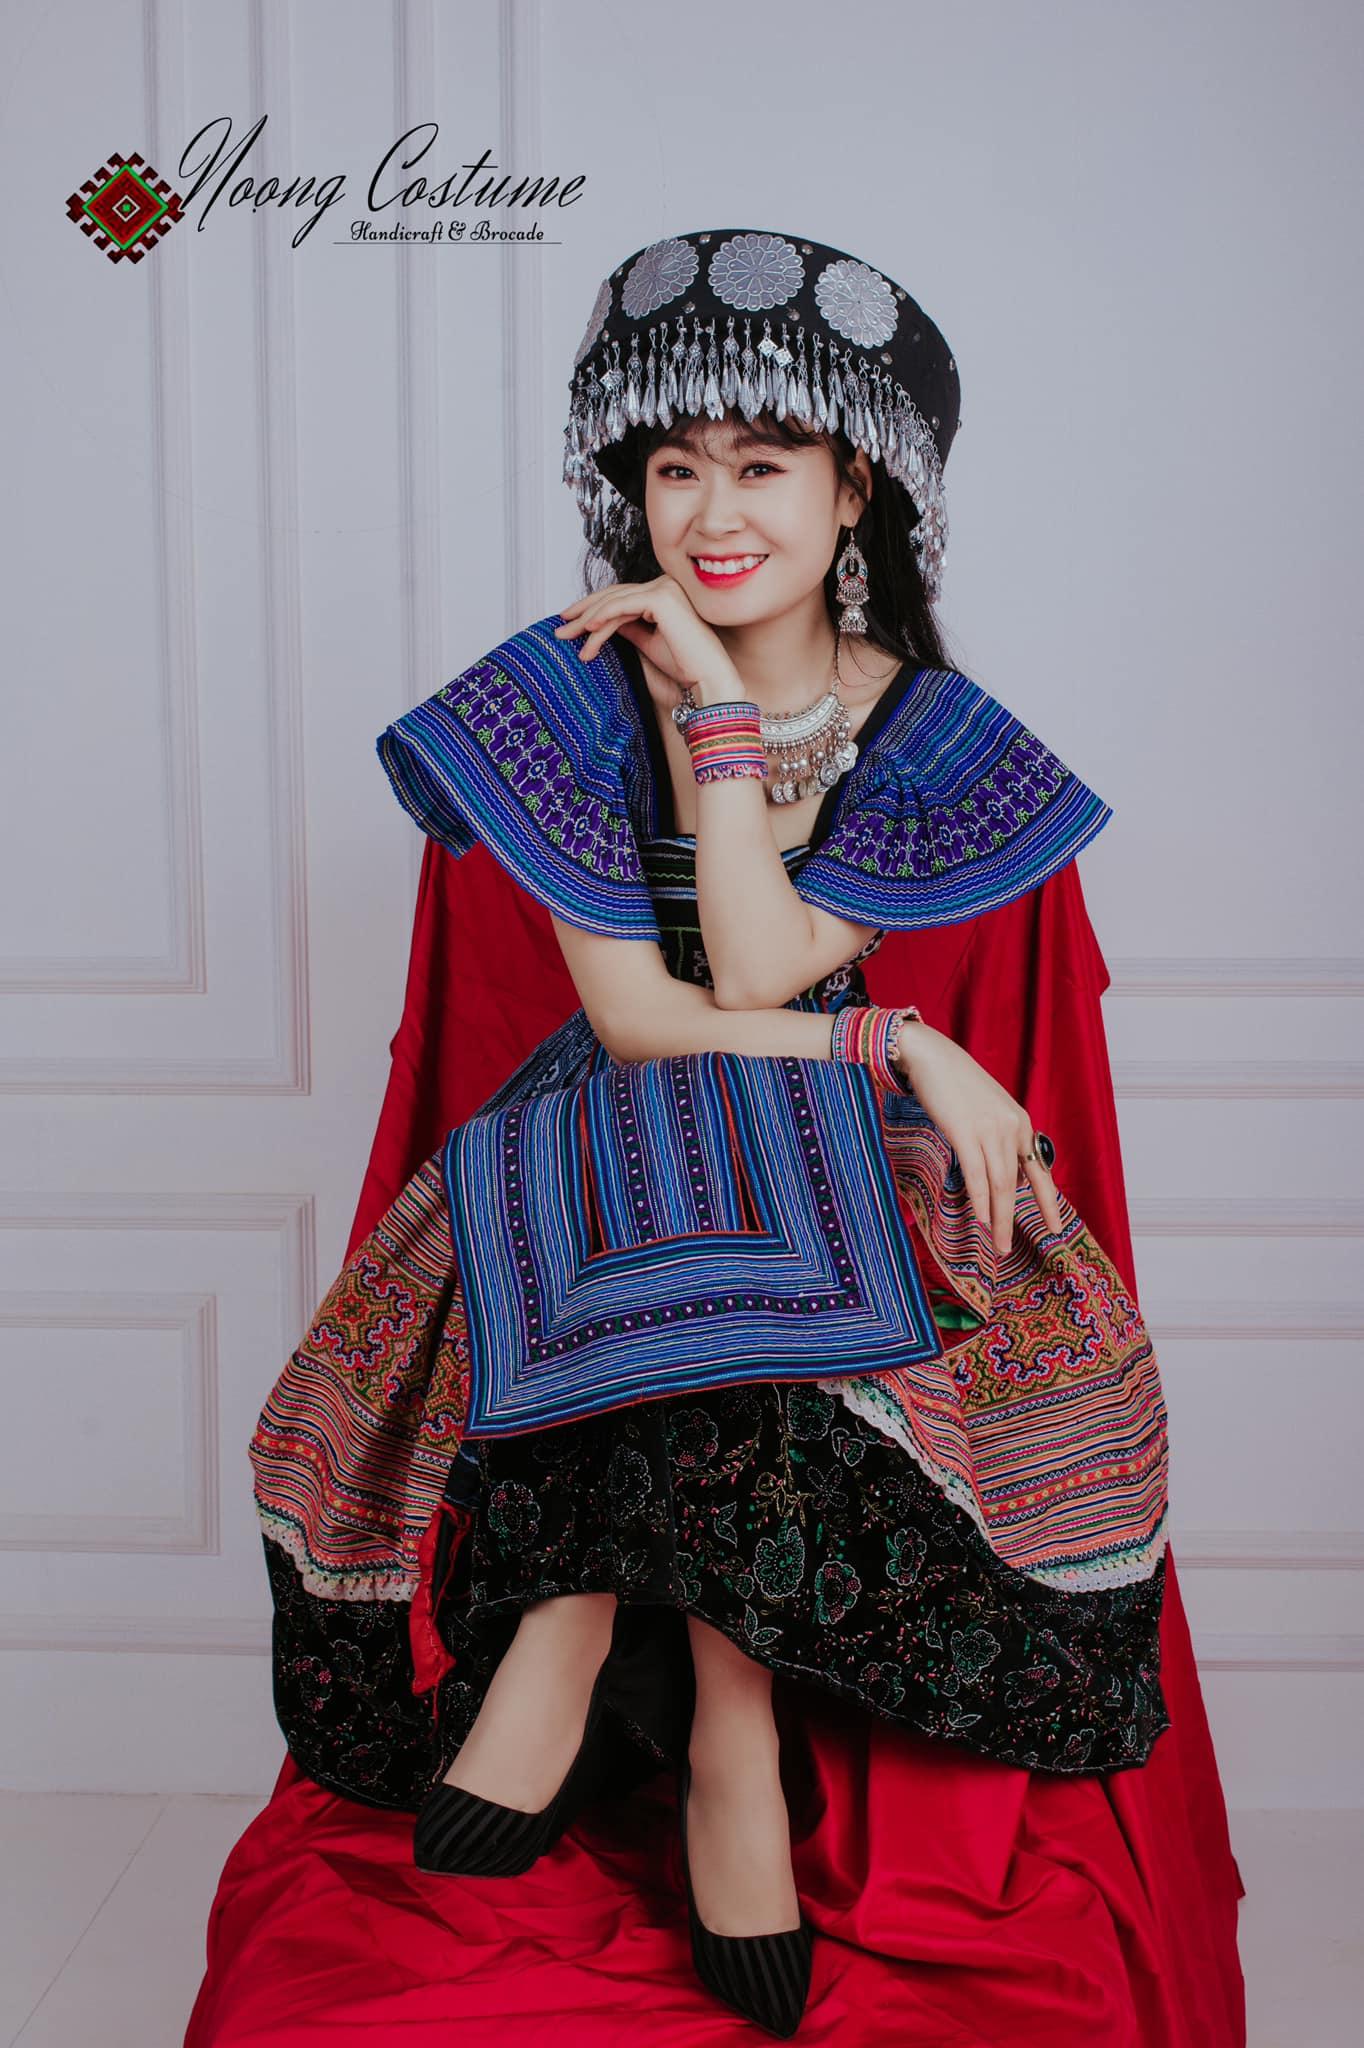 Noọng là 1 trong top 3 tiệm trang phục đẹp và được yêu thích tại Mộc Châu